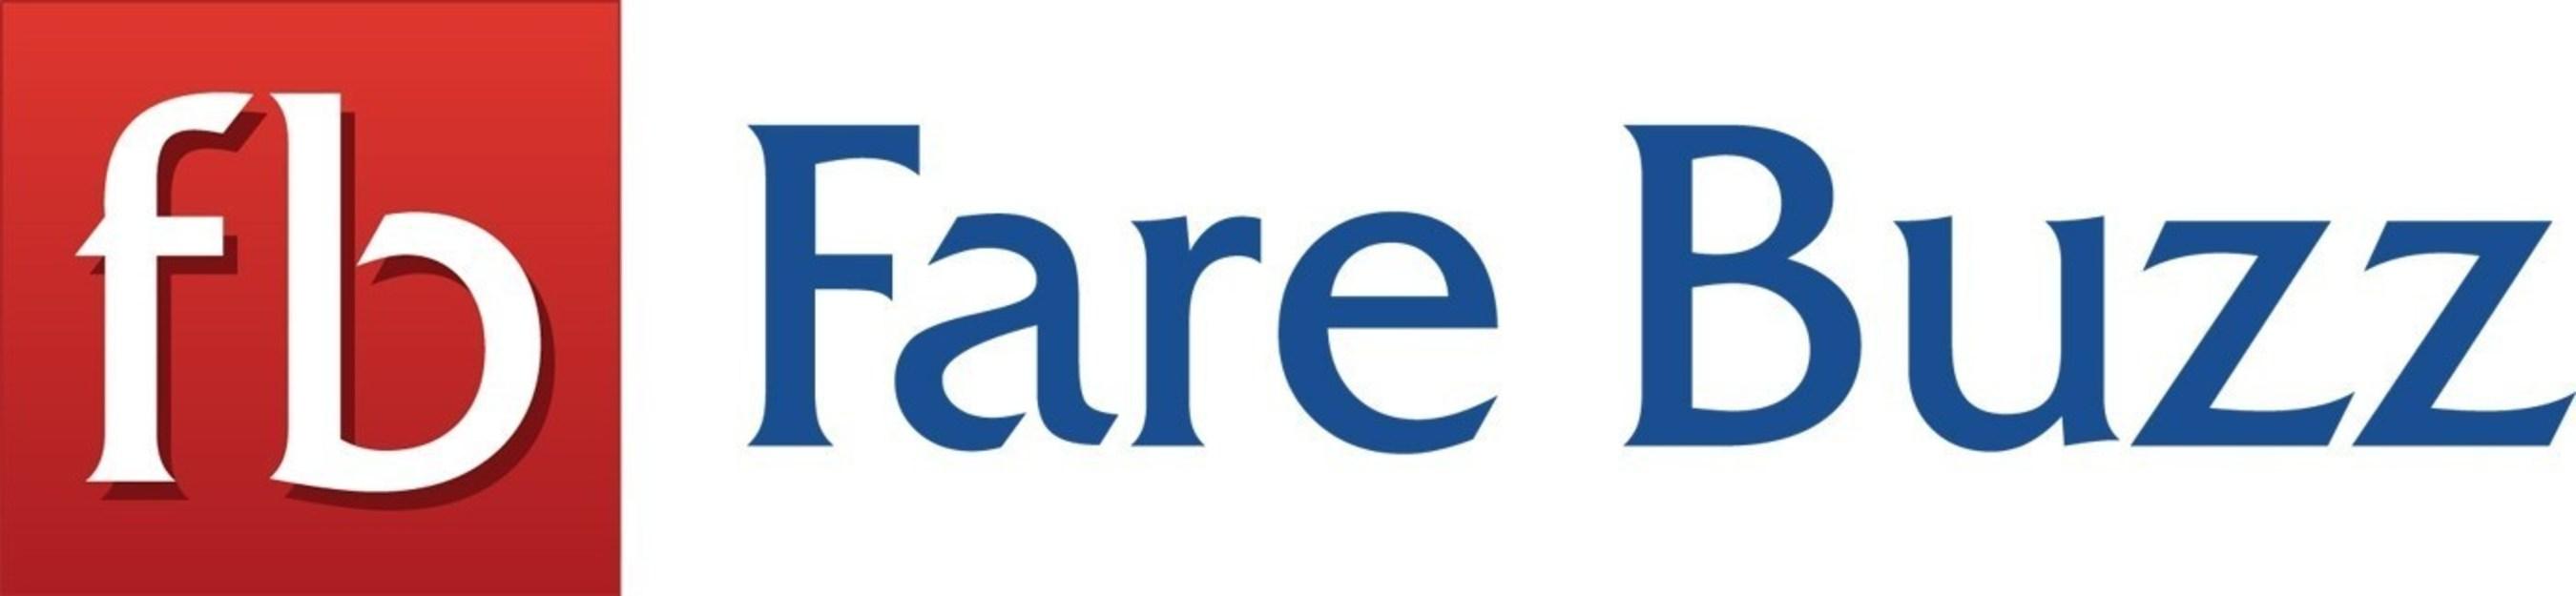 Fare Buzz Logo.